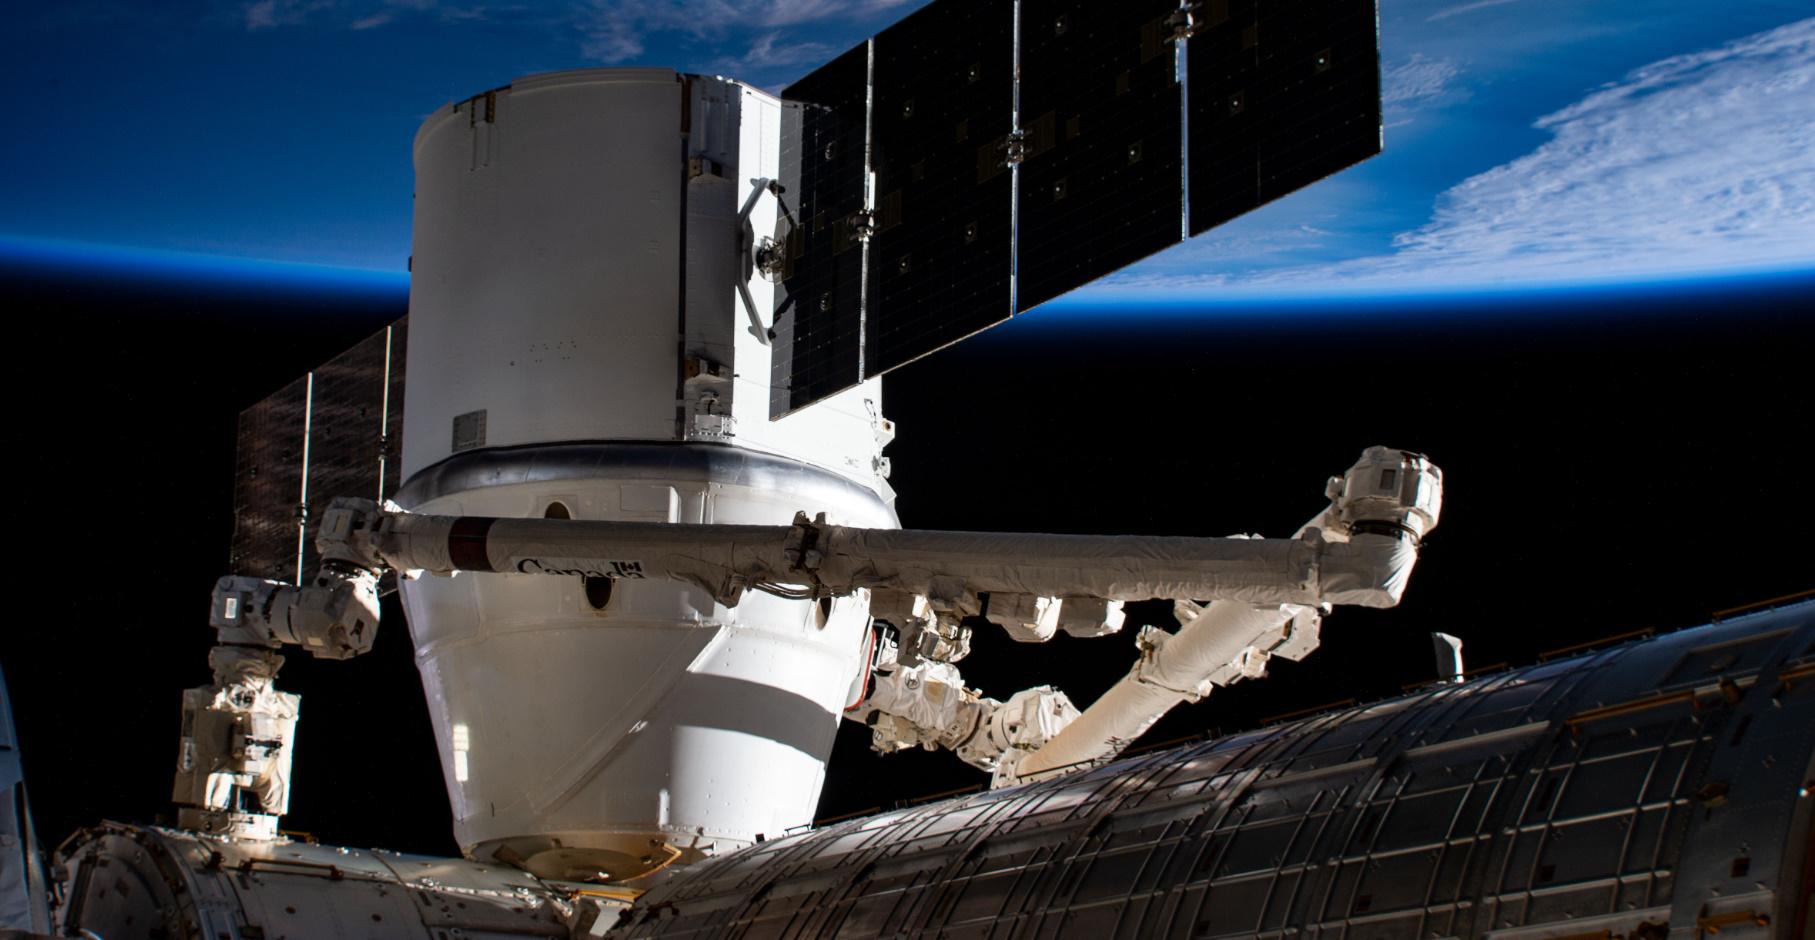 CRS-17 Dragon on the ISS – via NASA